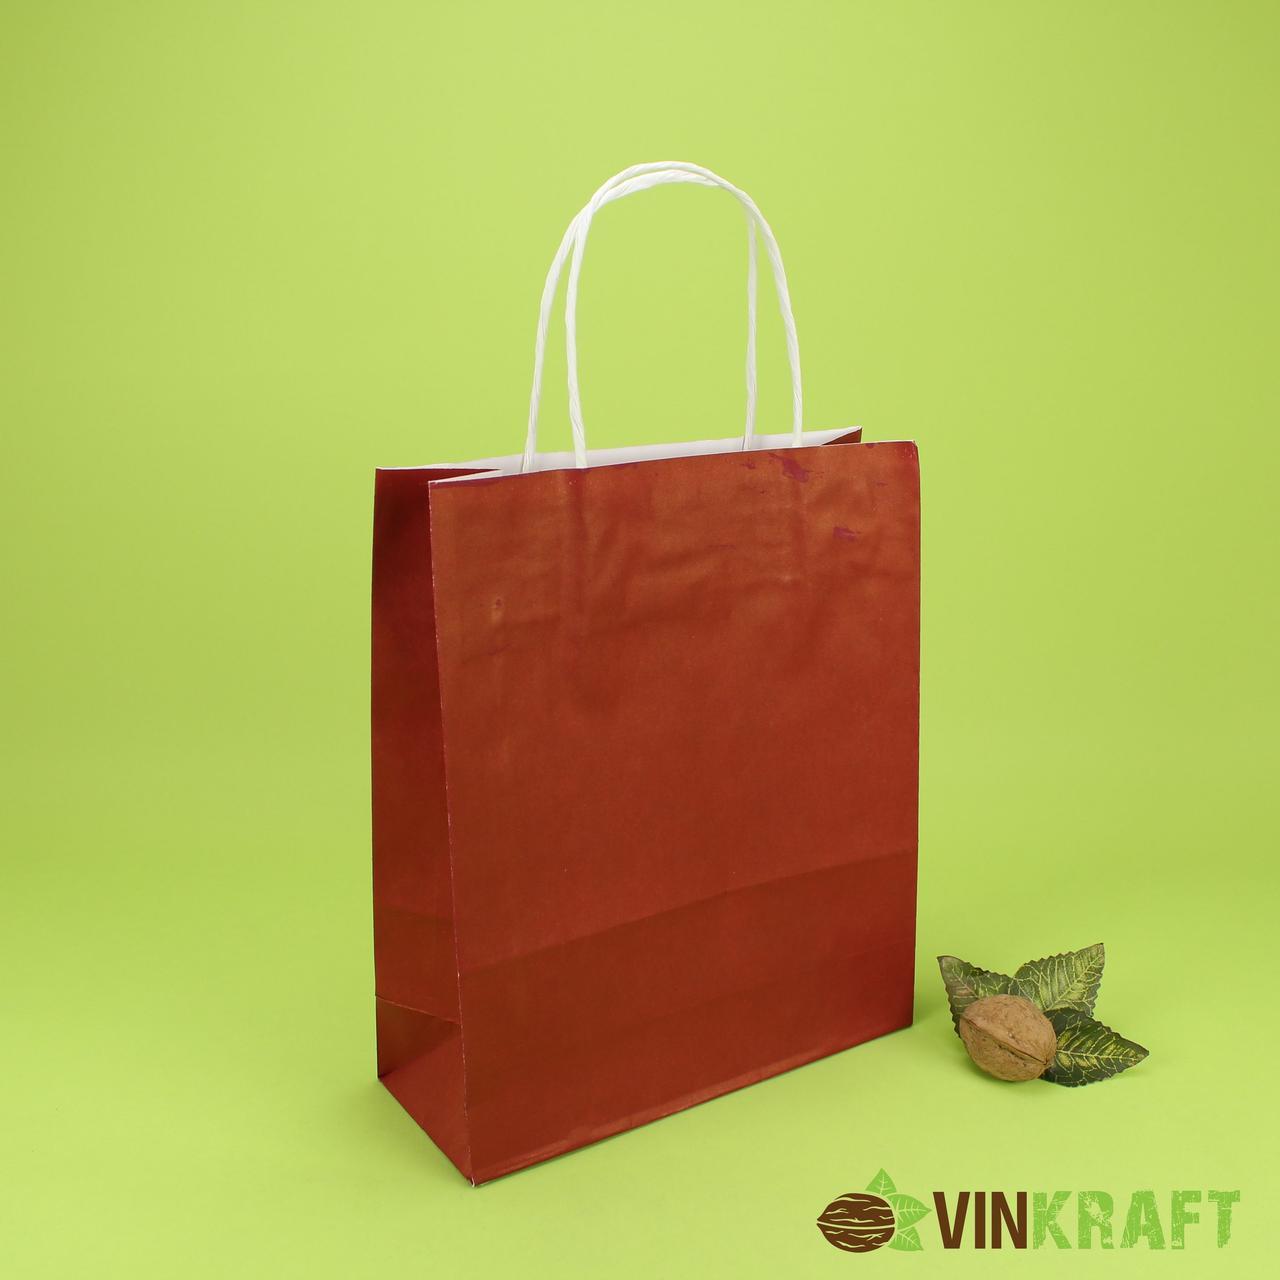 Пакет паперовий з ручками 200*80*240 (100г/м2) (3 кг), бордовий